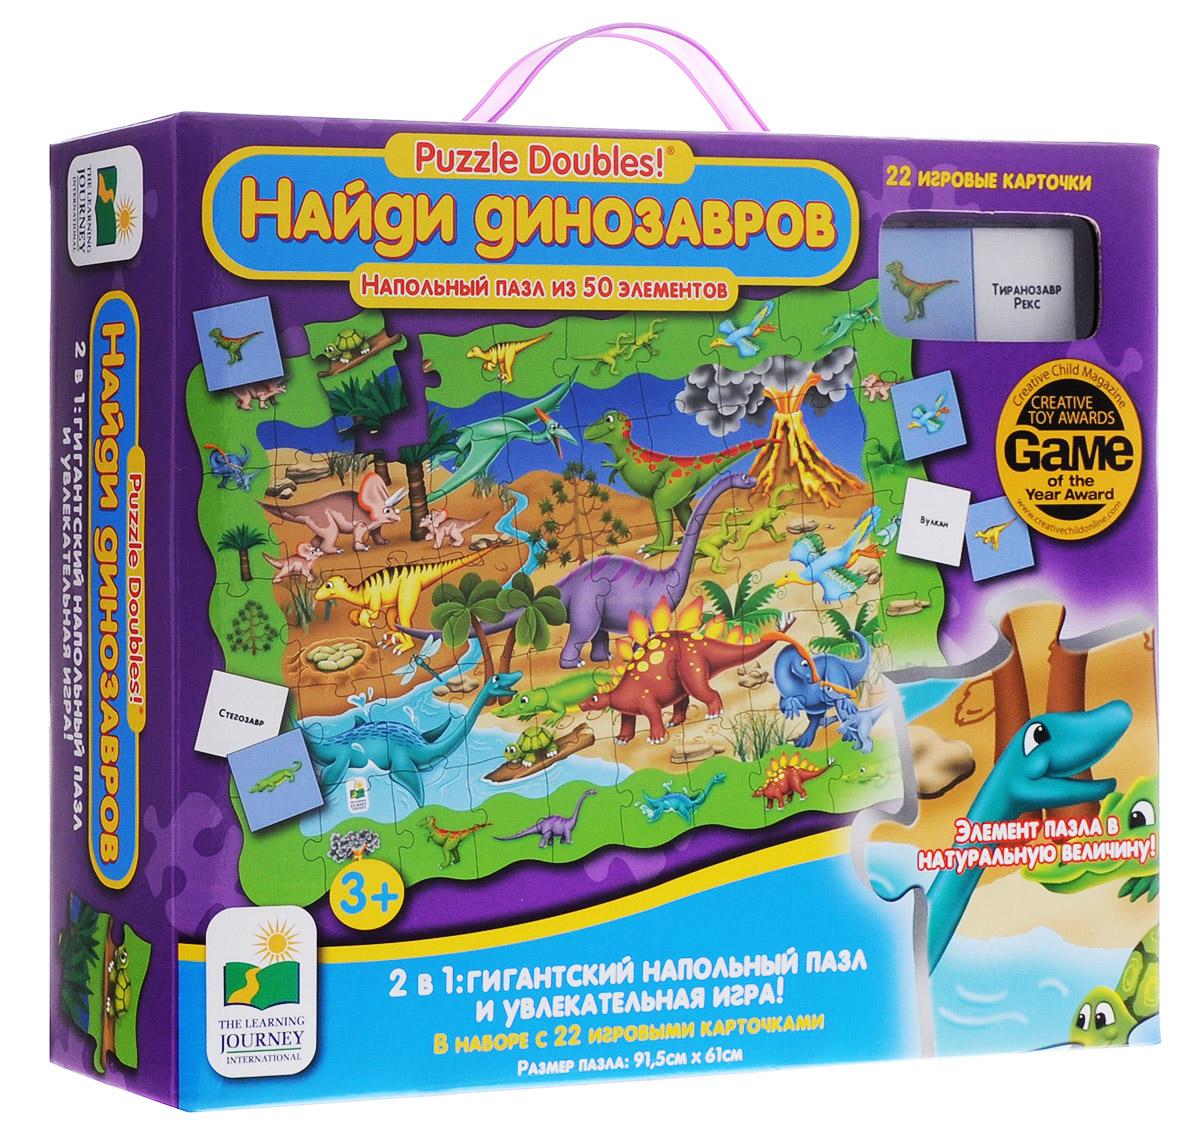 Learning Journey Пазл для малышей Найди динозавров719855Гигантский напольный пазл для малышей Learning Journey Найди динозавров - отличный развивающий подарок вашему малышу! Теперь развиваться будет легко и весело! Собрав этот пазл, включающий в себя 50 элементов, вы получите картинку с изображением различных видов динозавров на фоне древнего земного пейзажа. В комплект также входят 22 игровые карточки с изображениями и названиями динозавров и, после того как большой пазл будет собран, можно поиграть в веселую игру - найти на картинке всех динозавров, изображенных на карточках и запомнить их названия. Пазл научит ребенка усидчивости, умению доводить начатое дело до конца, поможет развить внимание, память, образное и логическое мышления, сенсорно-моторную координацию движения рук. Крупная и яркая форма собираемых элементов картинки способствуют развитию мелкой моторики, которая напрямую влияет на развитие речи и интеллектуальных способностей. В дальнейшем хорошая координация движений рук поможет ребенку...